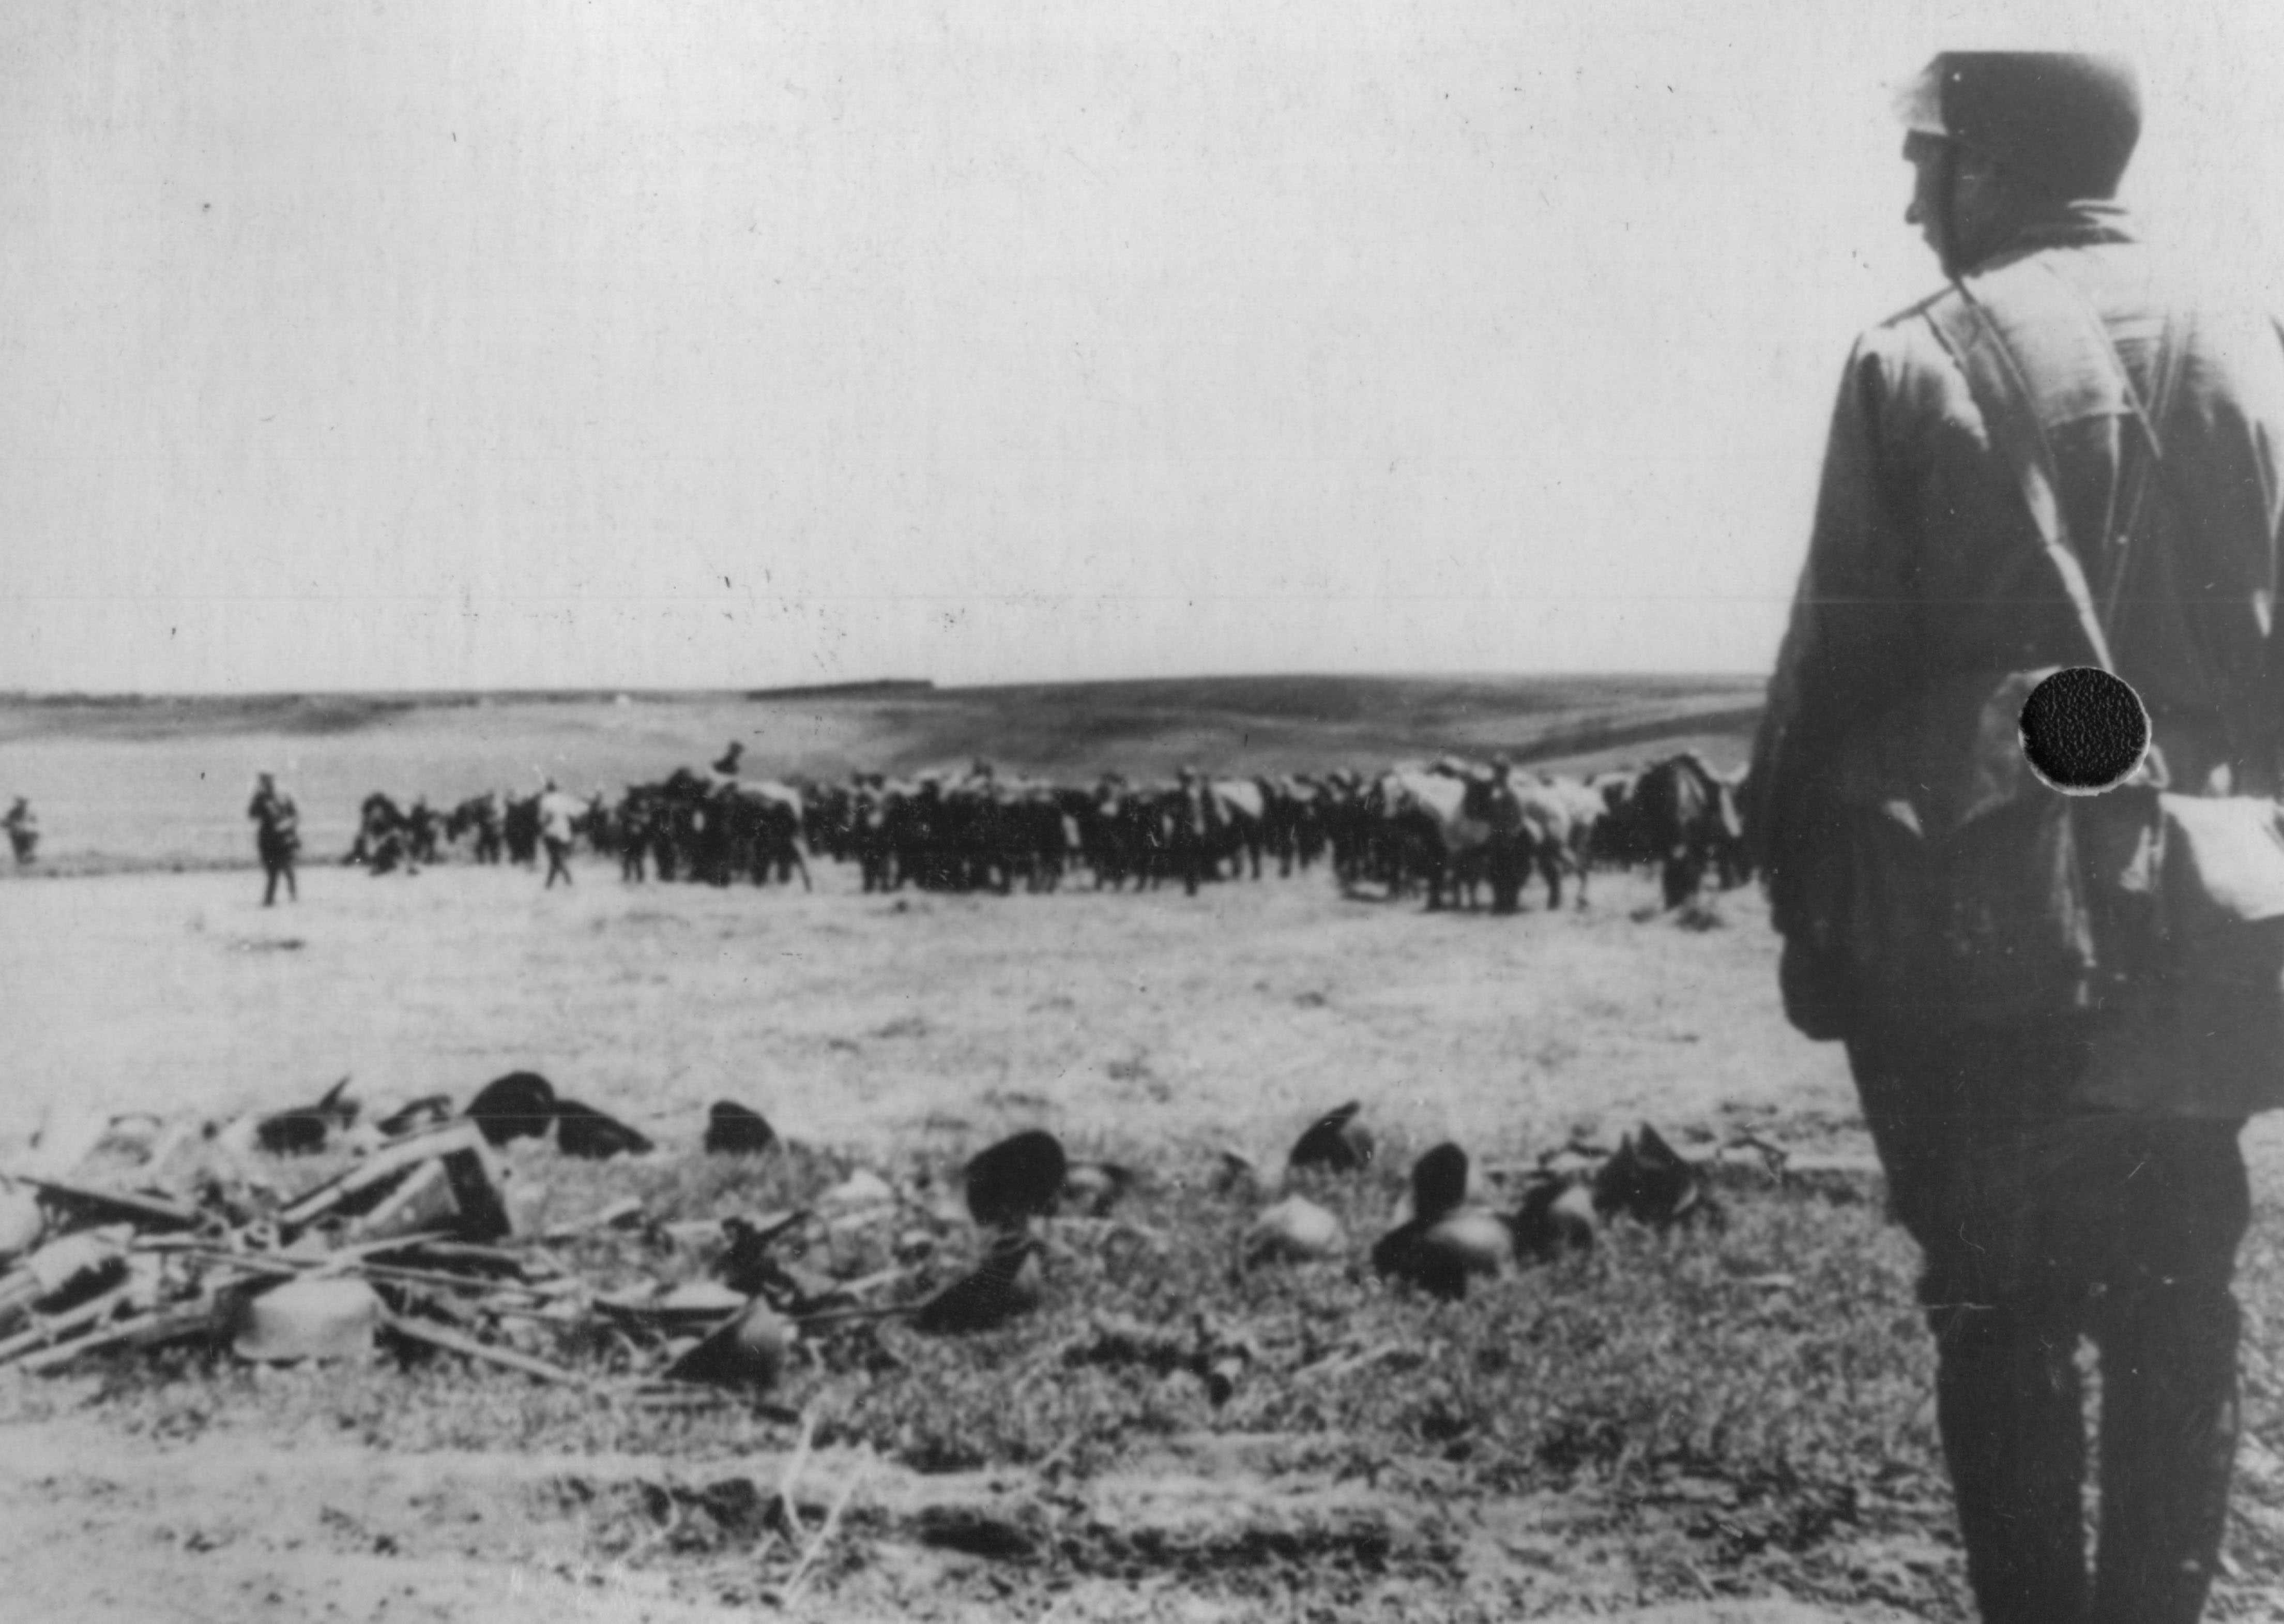 Retragerea armatei române din Basarabia în iunie 1940